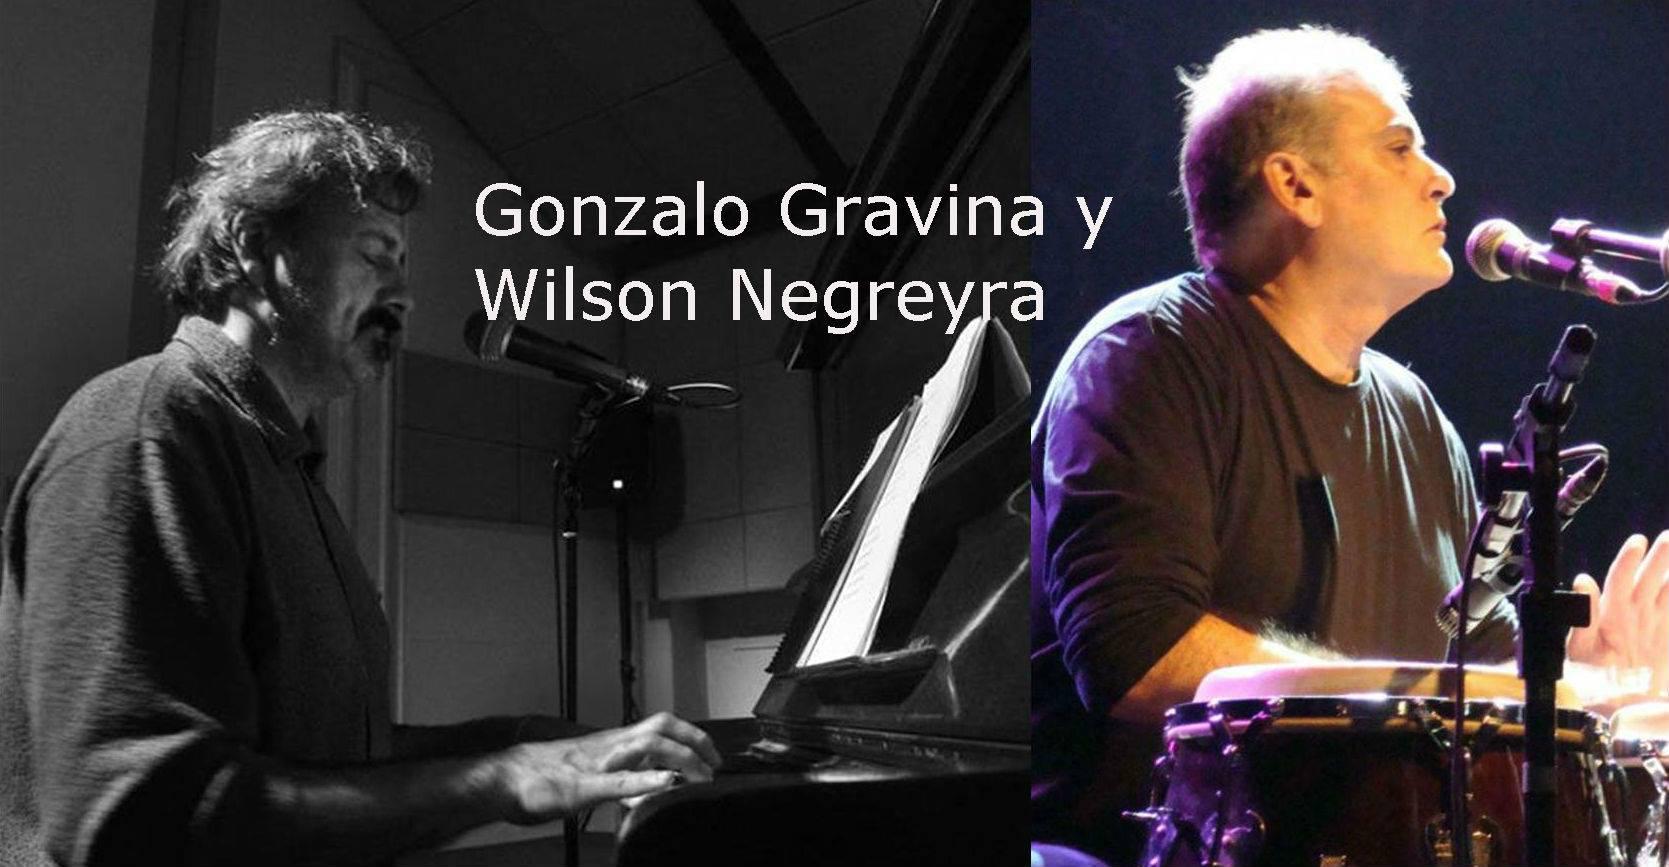 gonzalo-gravina-y-wilson-negreyra-presentan-canciones-escondidas